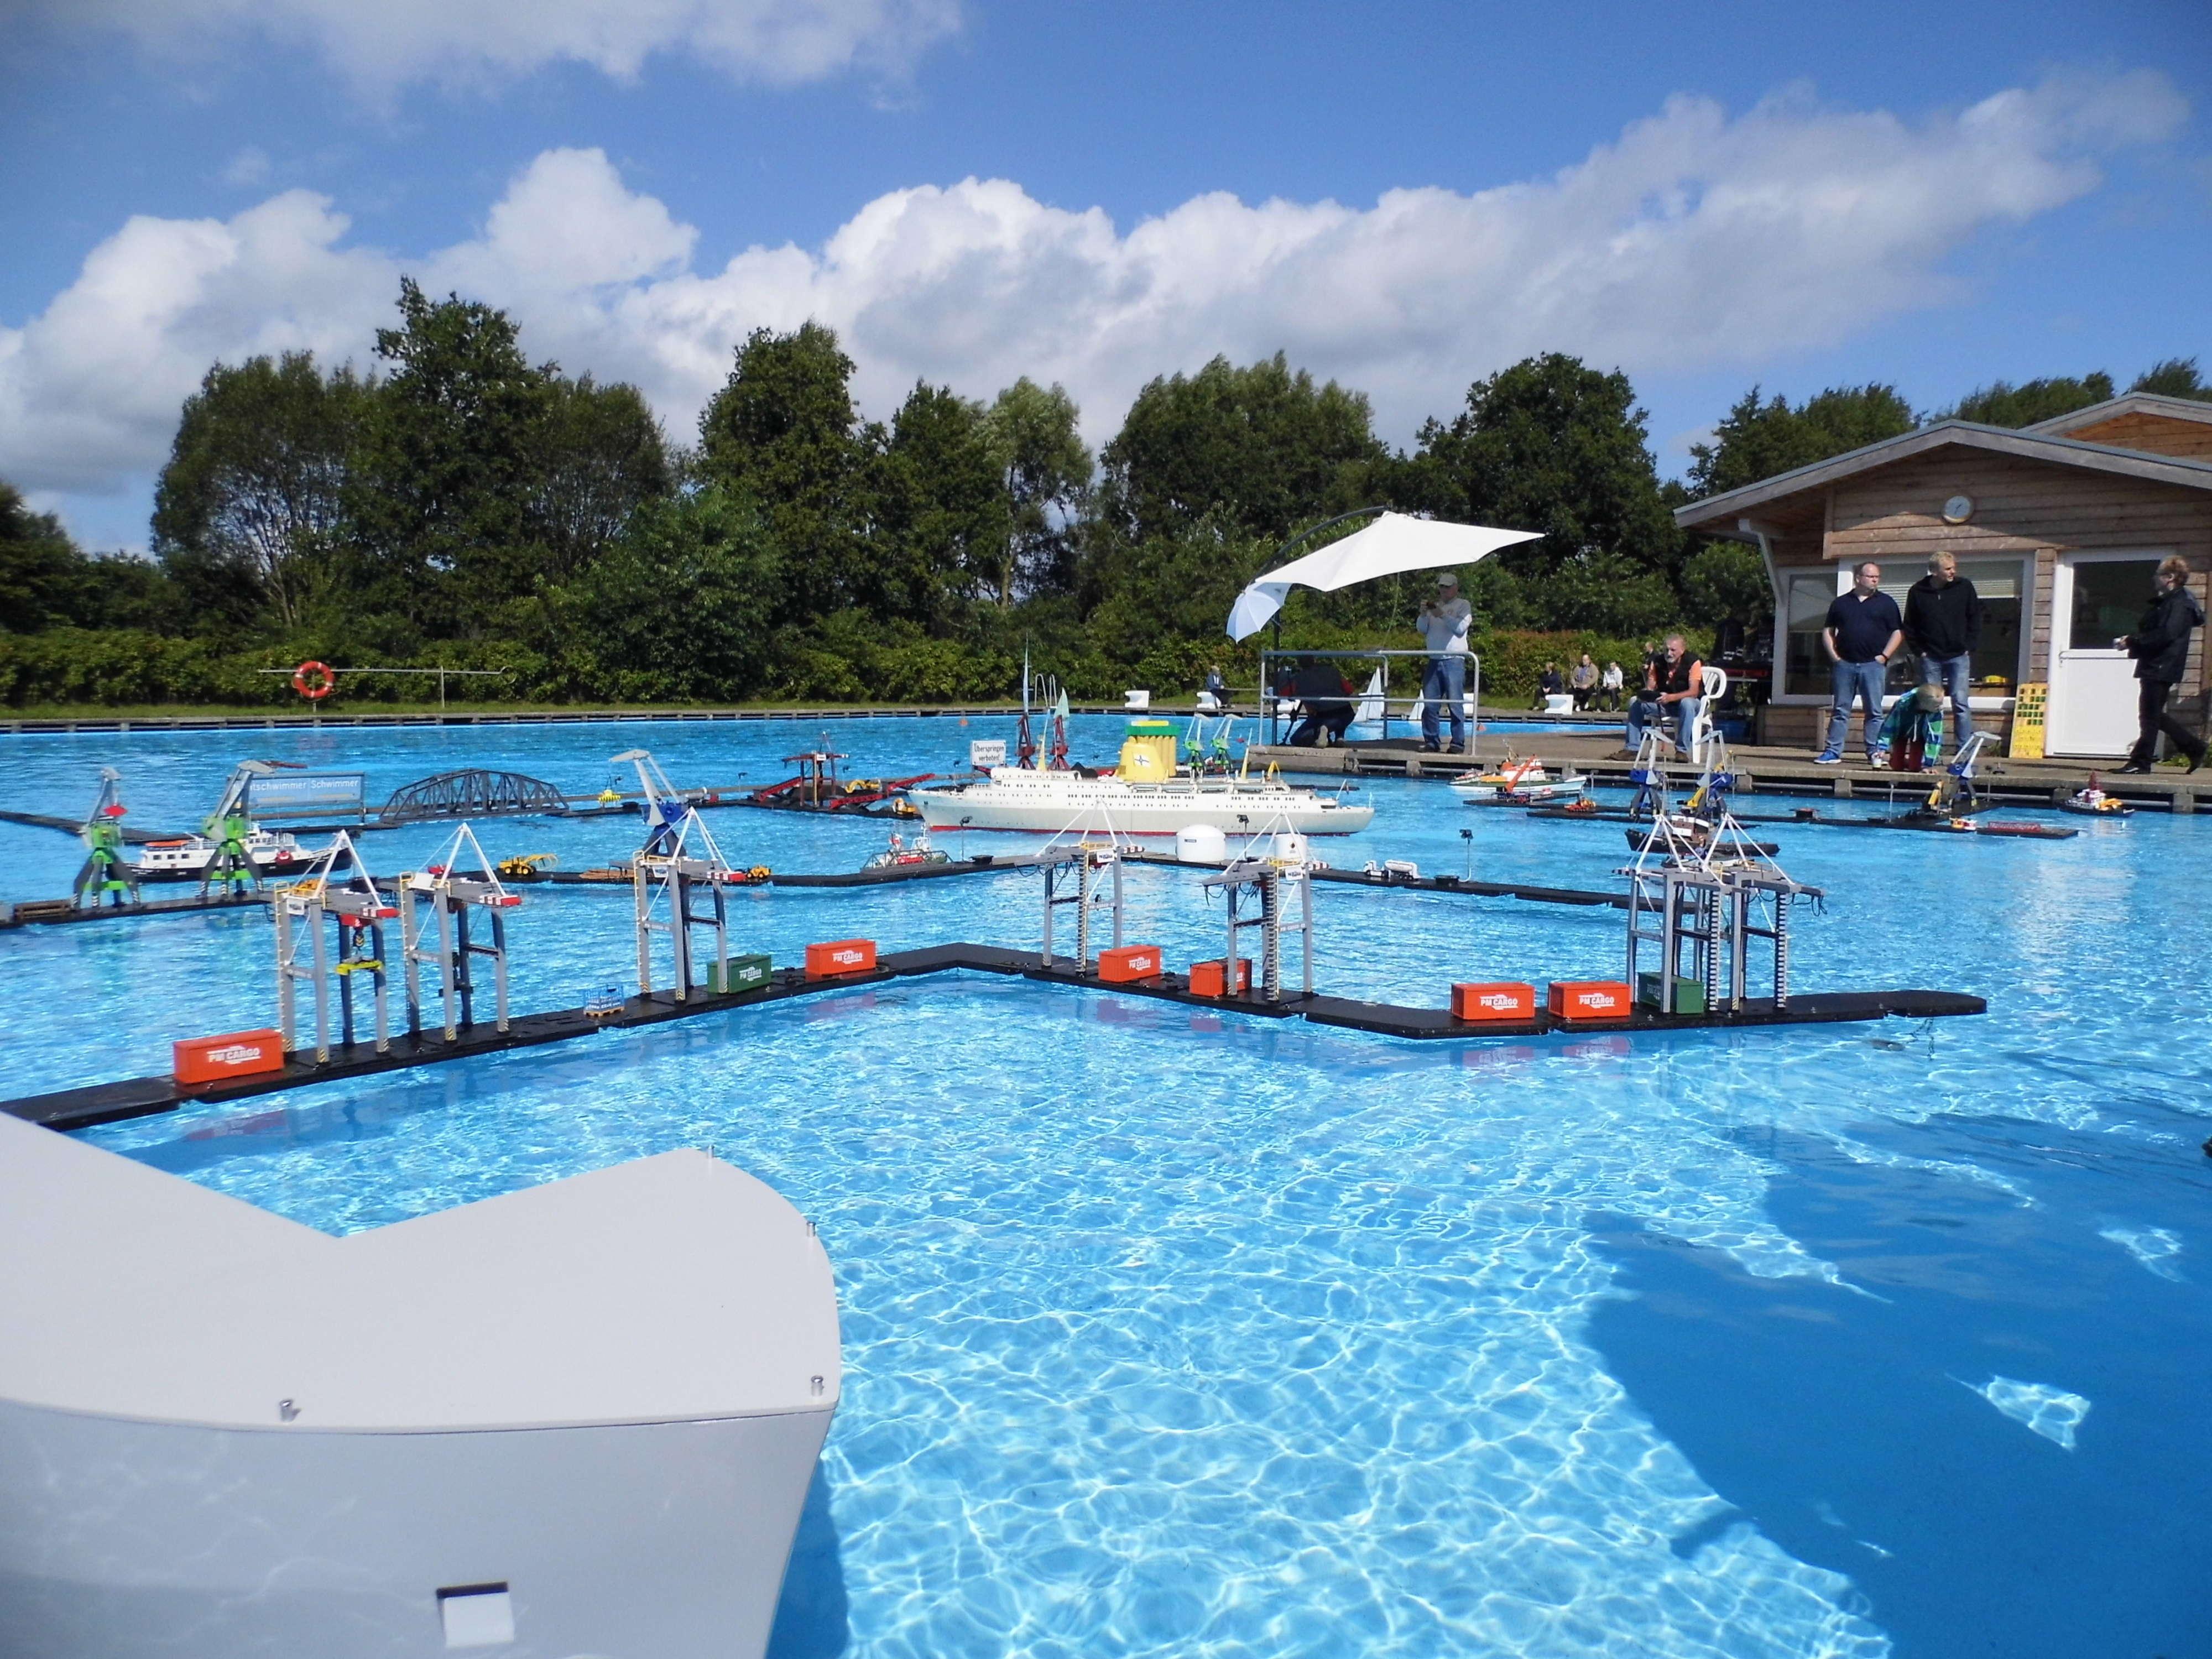 Schwimmbad Neumünster ig stör piraten tage neumünster 2015 unsere beiträge modellwerft